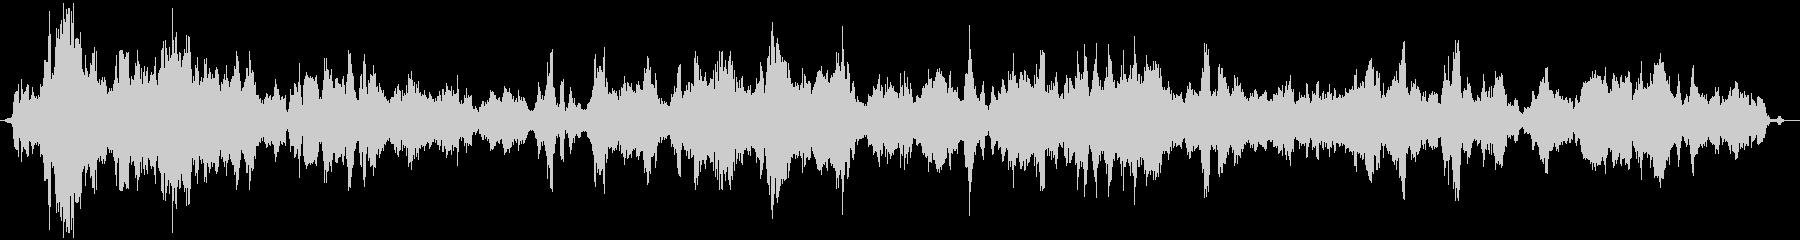 群集 チアハッピーロング01の未再生の波形